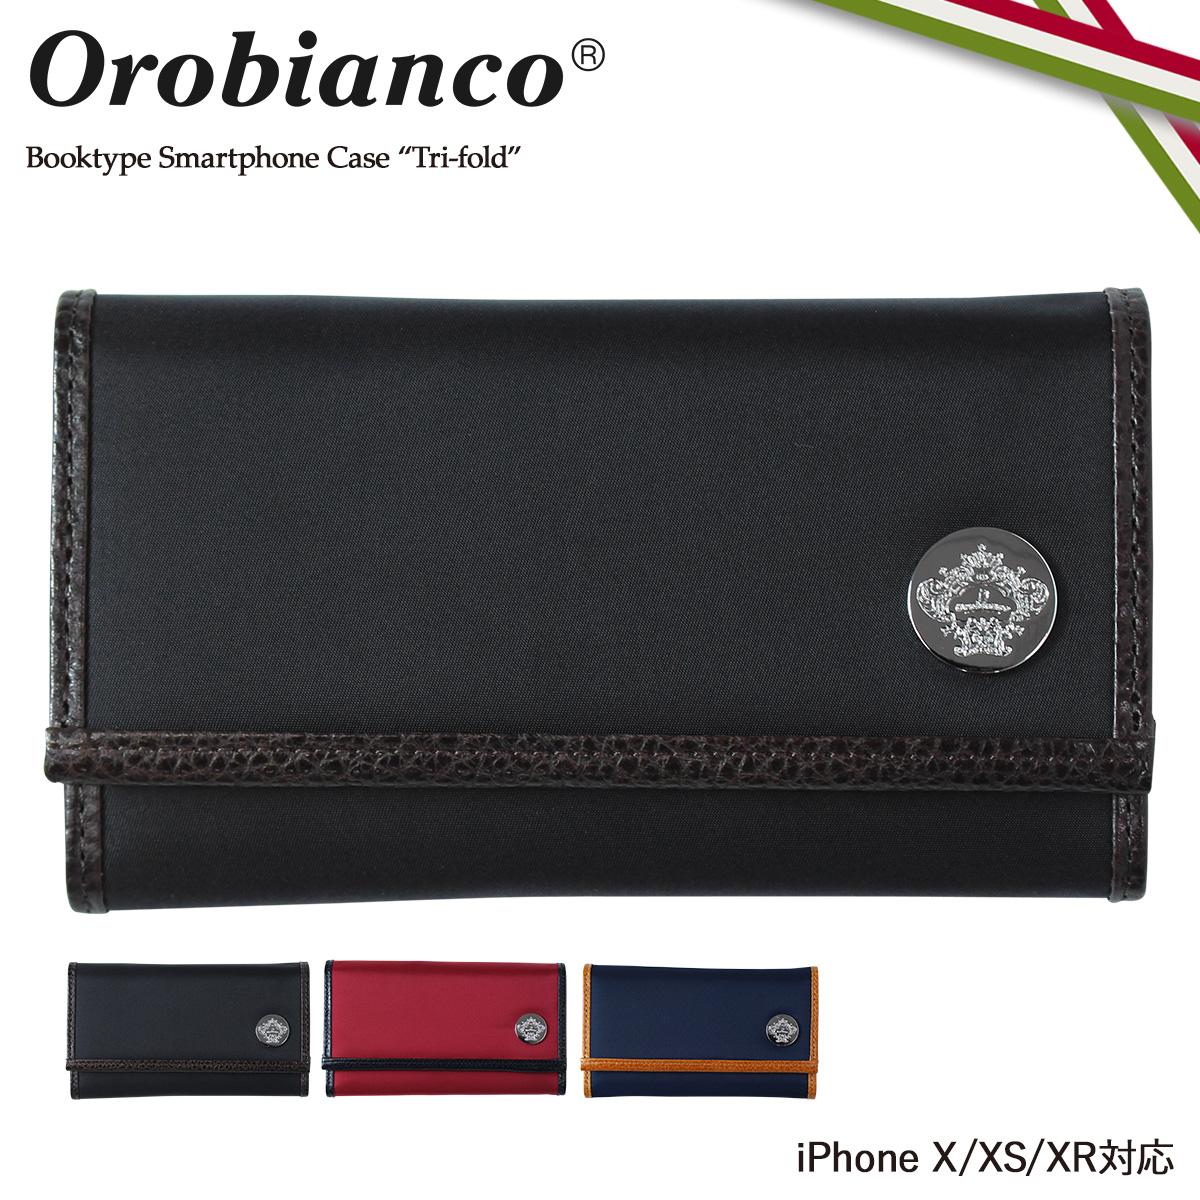 Orobianco オロビアンコ iPhone XR X XS ケース 手帳型 スマホ 携帯 アイフォン TRI-FOLD レザー メンズ レディース